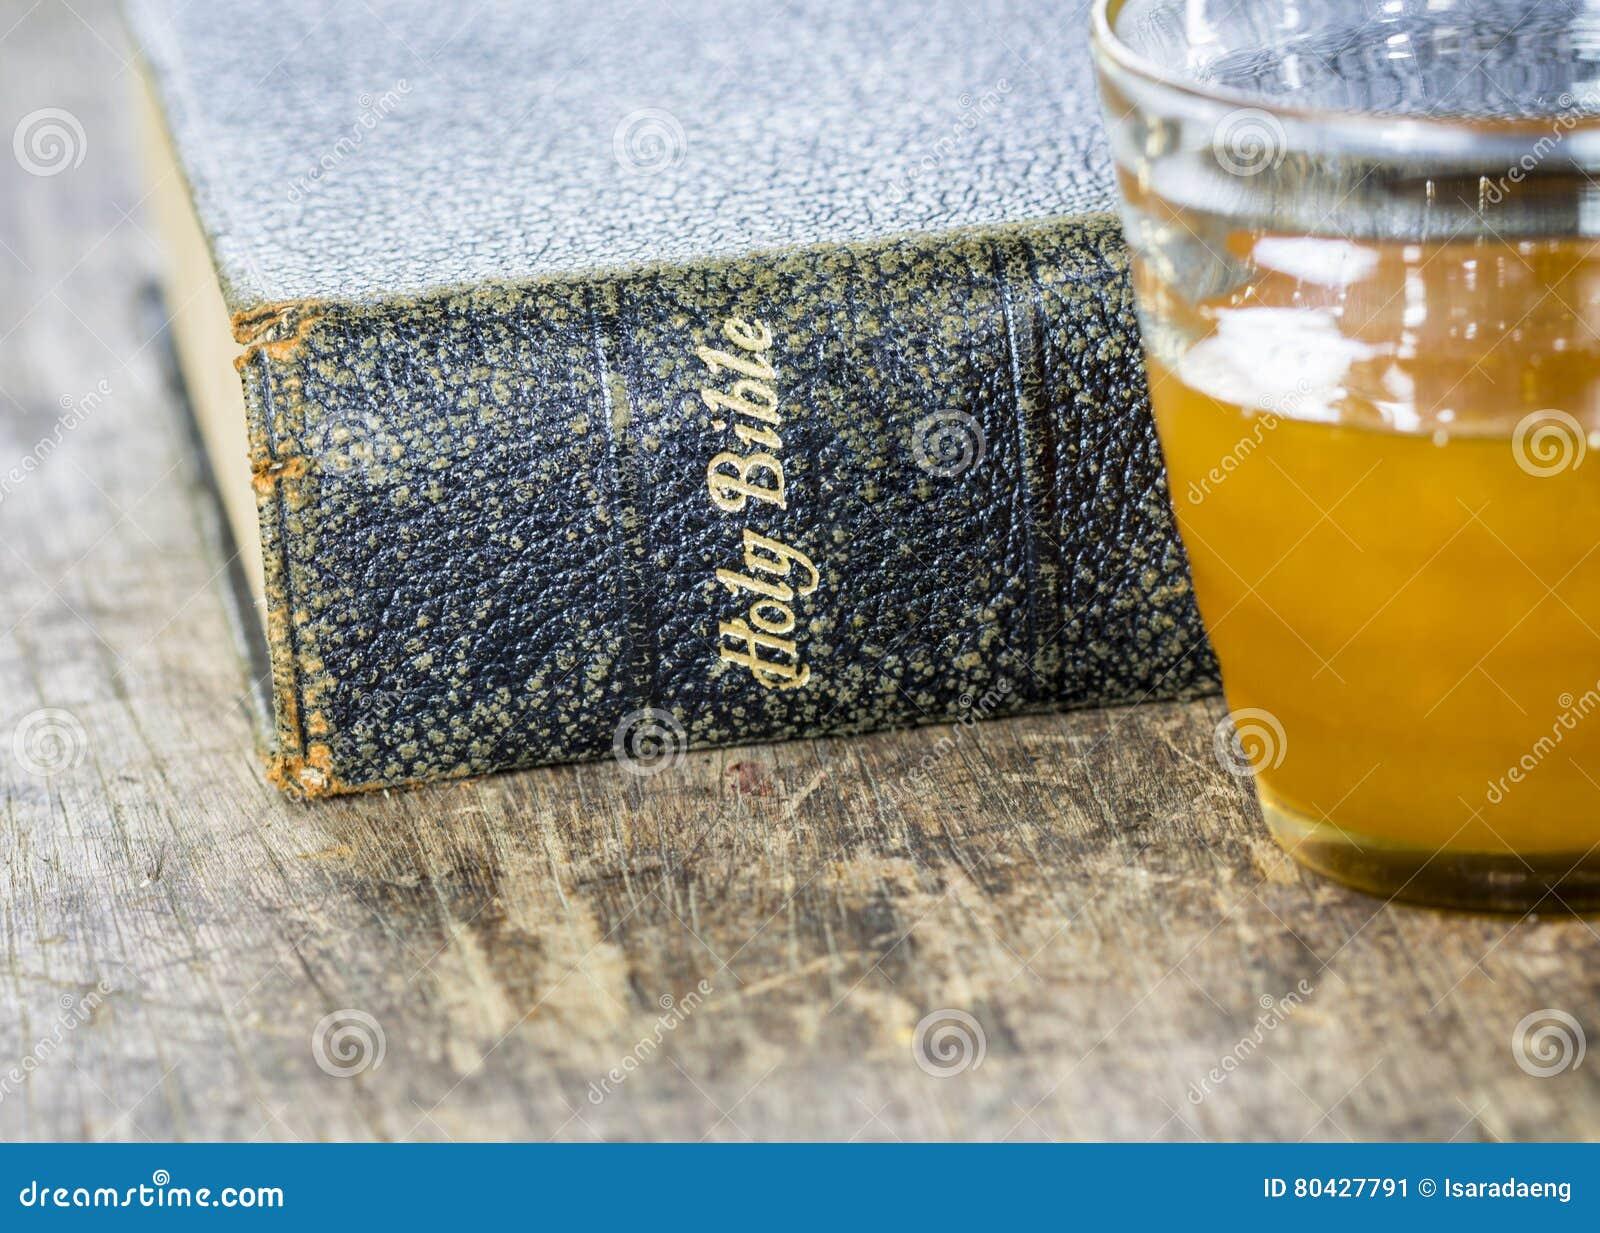 Credenza Con Tazze : La vecchia bibbia santa con una tazza di miele immagine stock